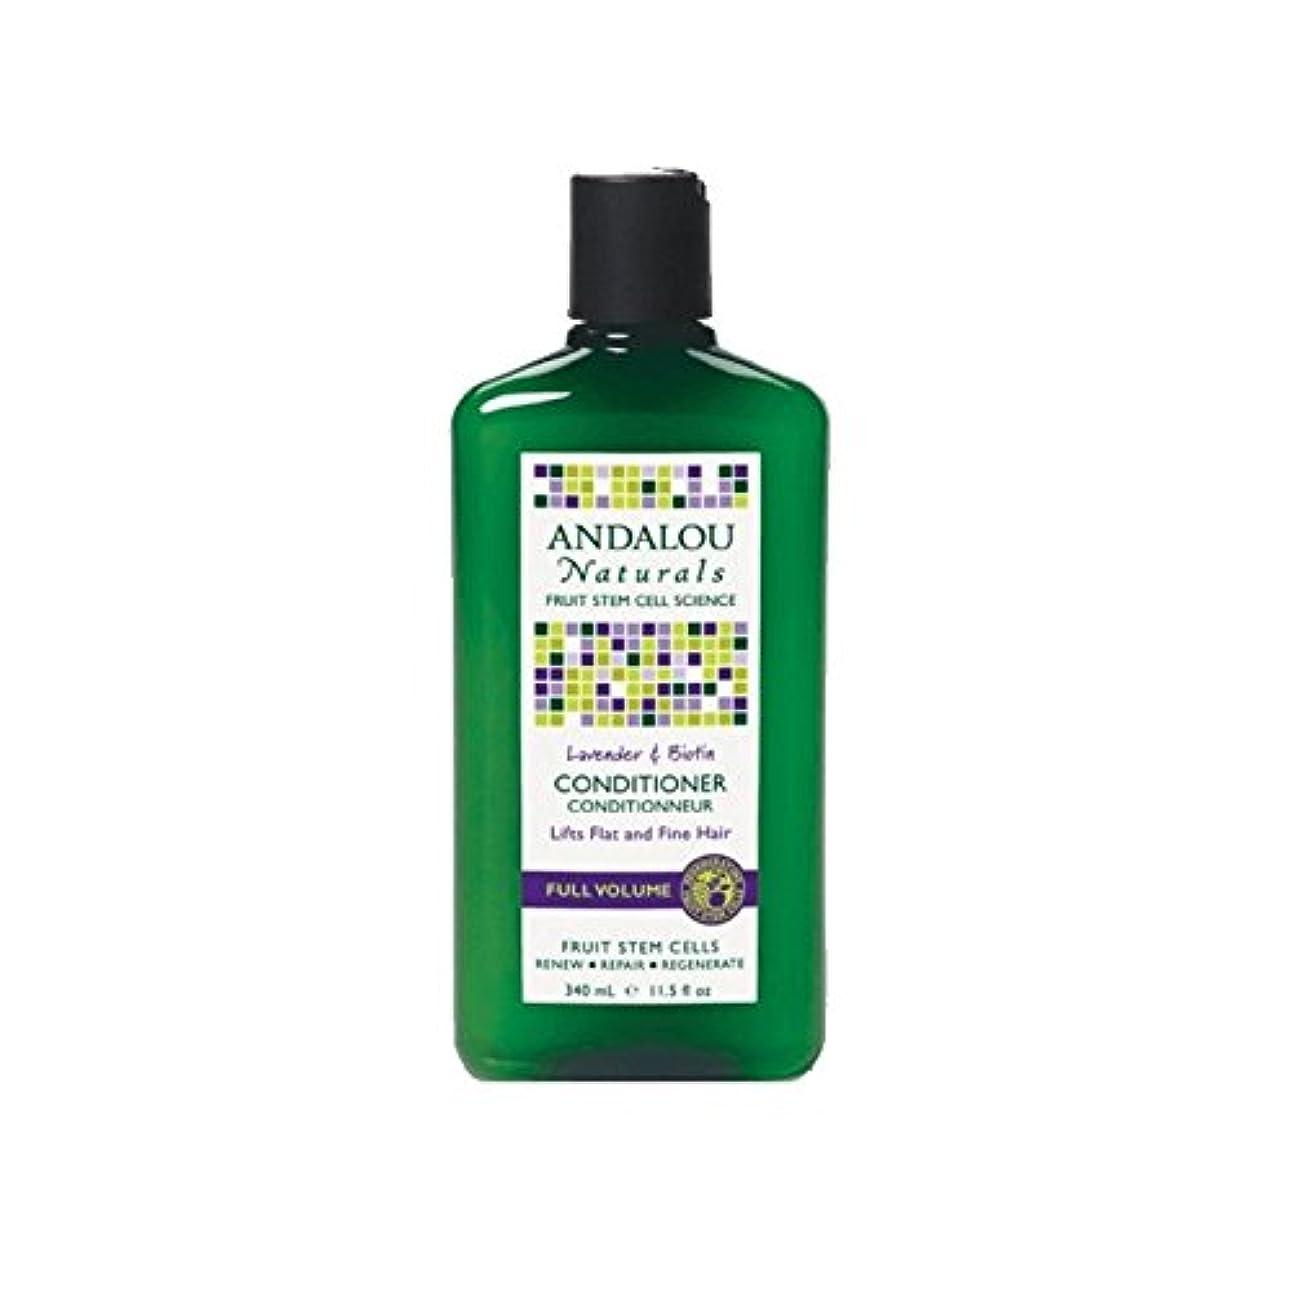 バンジージャンプランデブー壮大アンダロウラベンダー&ビオチンフルボリュームコンディショナー340ミリリットル - Andalou Lavender & Biotin Full Volume Conditioner 340ml (Andalou) [並行輸入品]